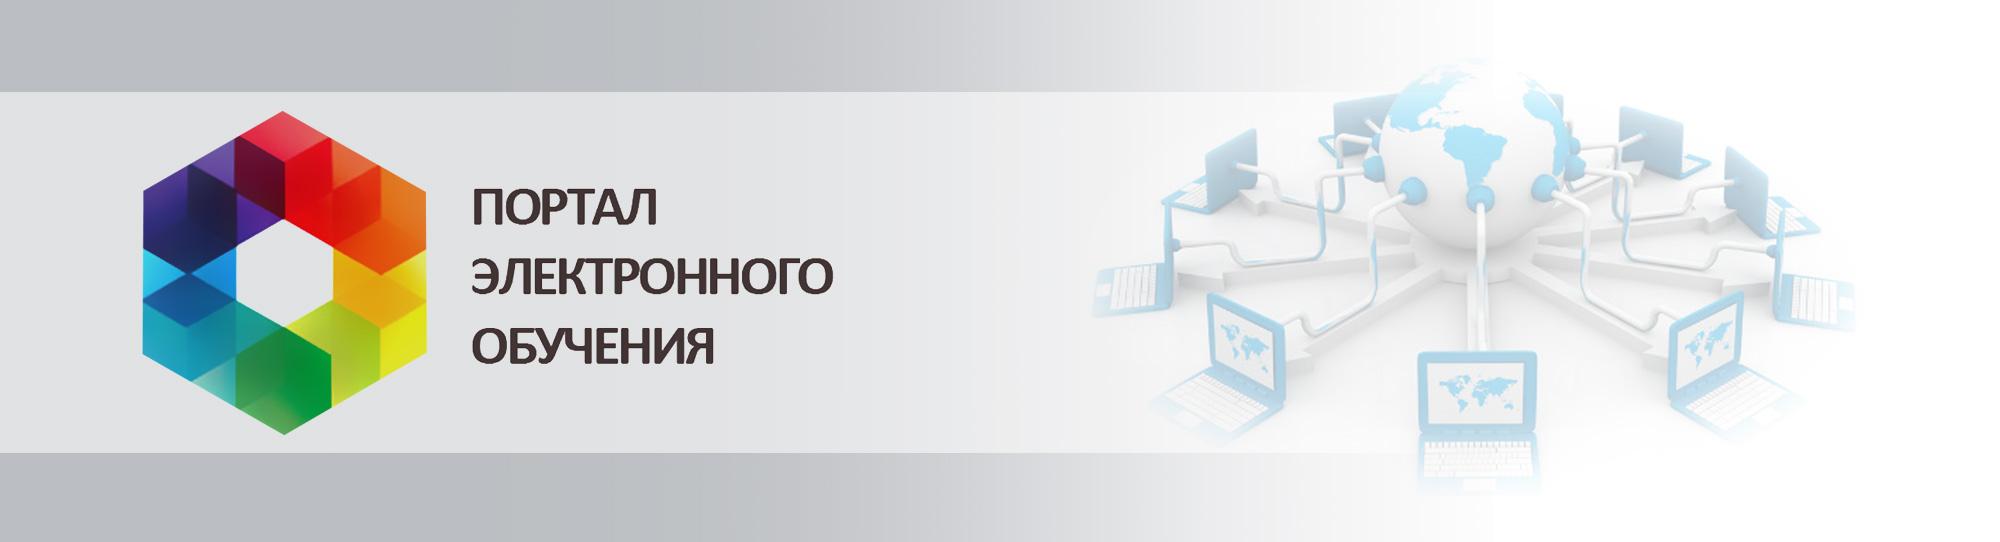 banner-stavropol-3